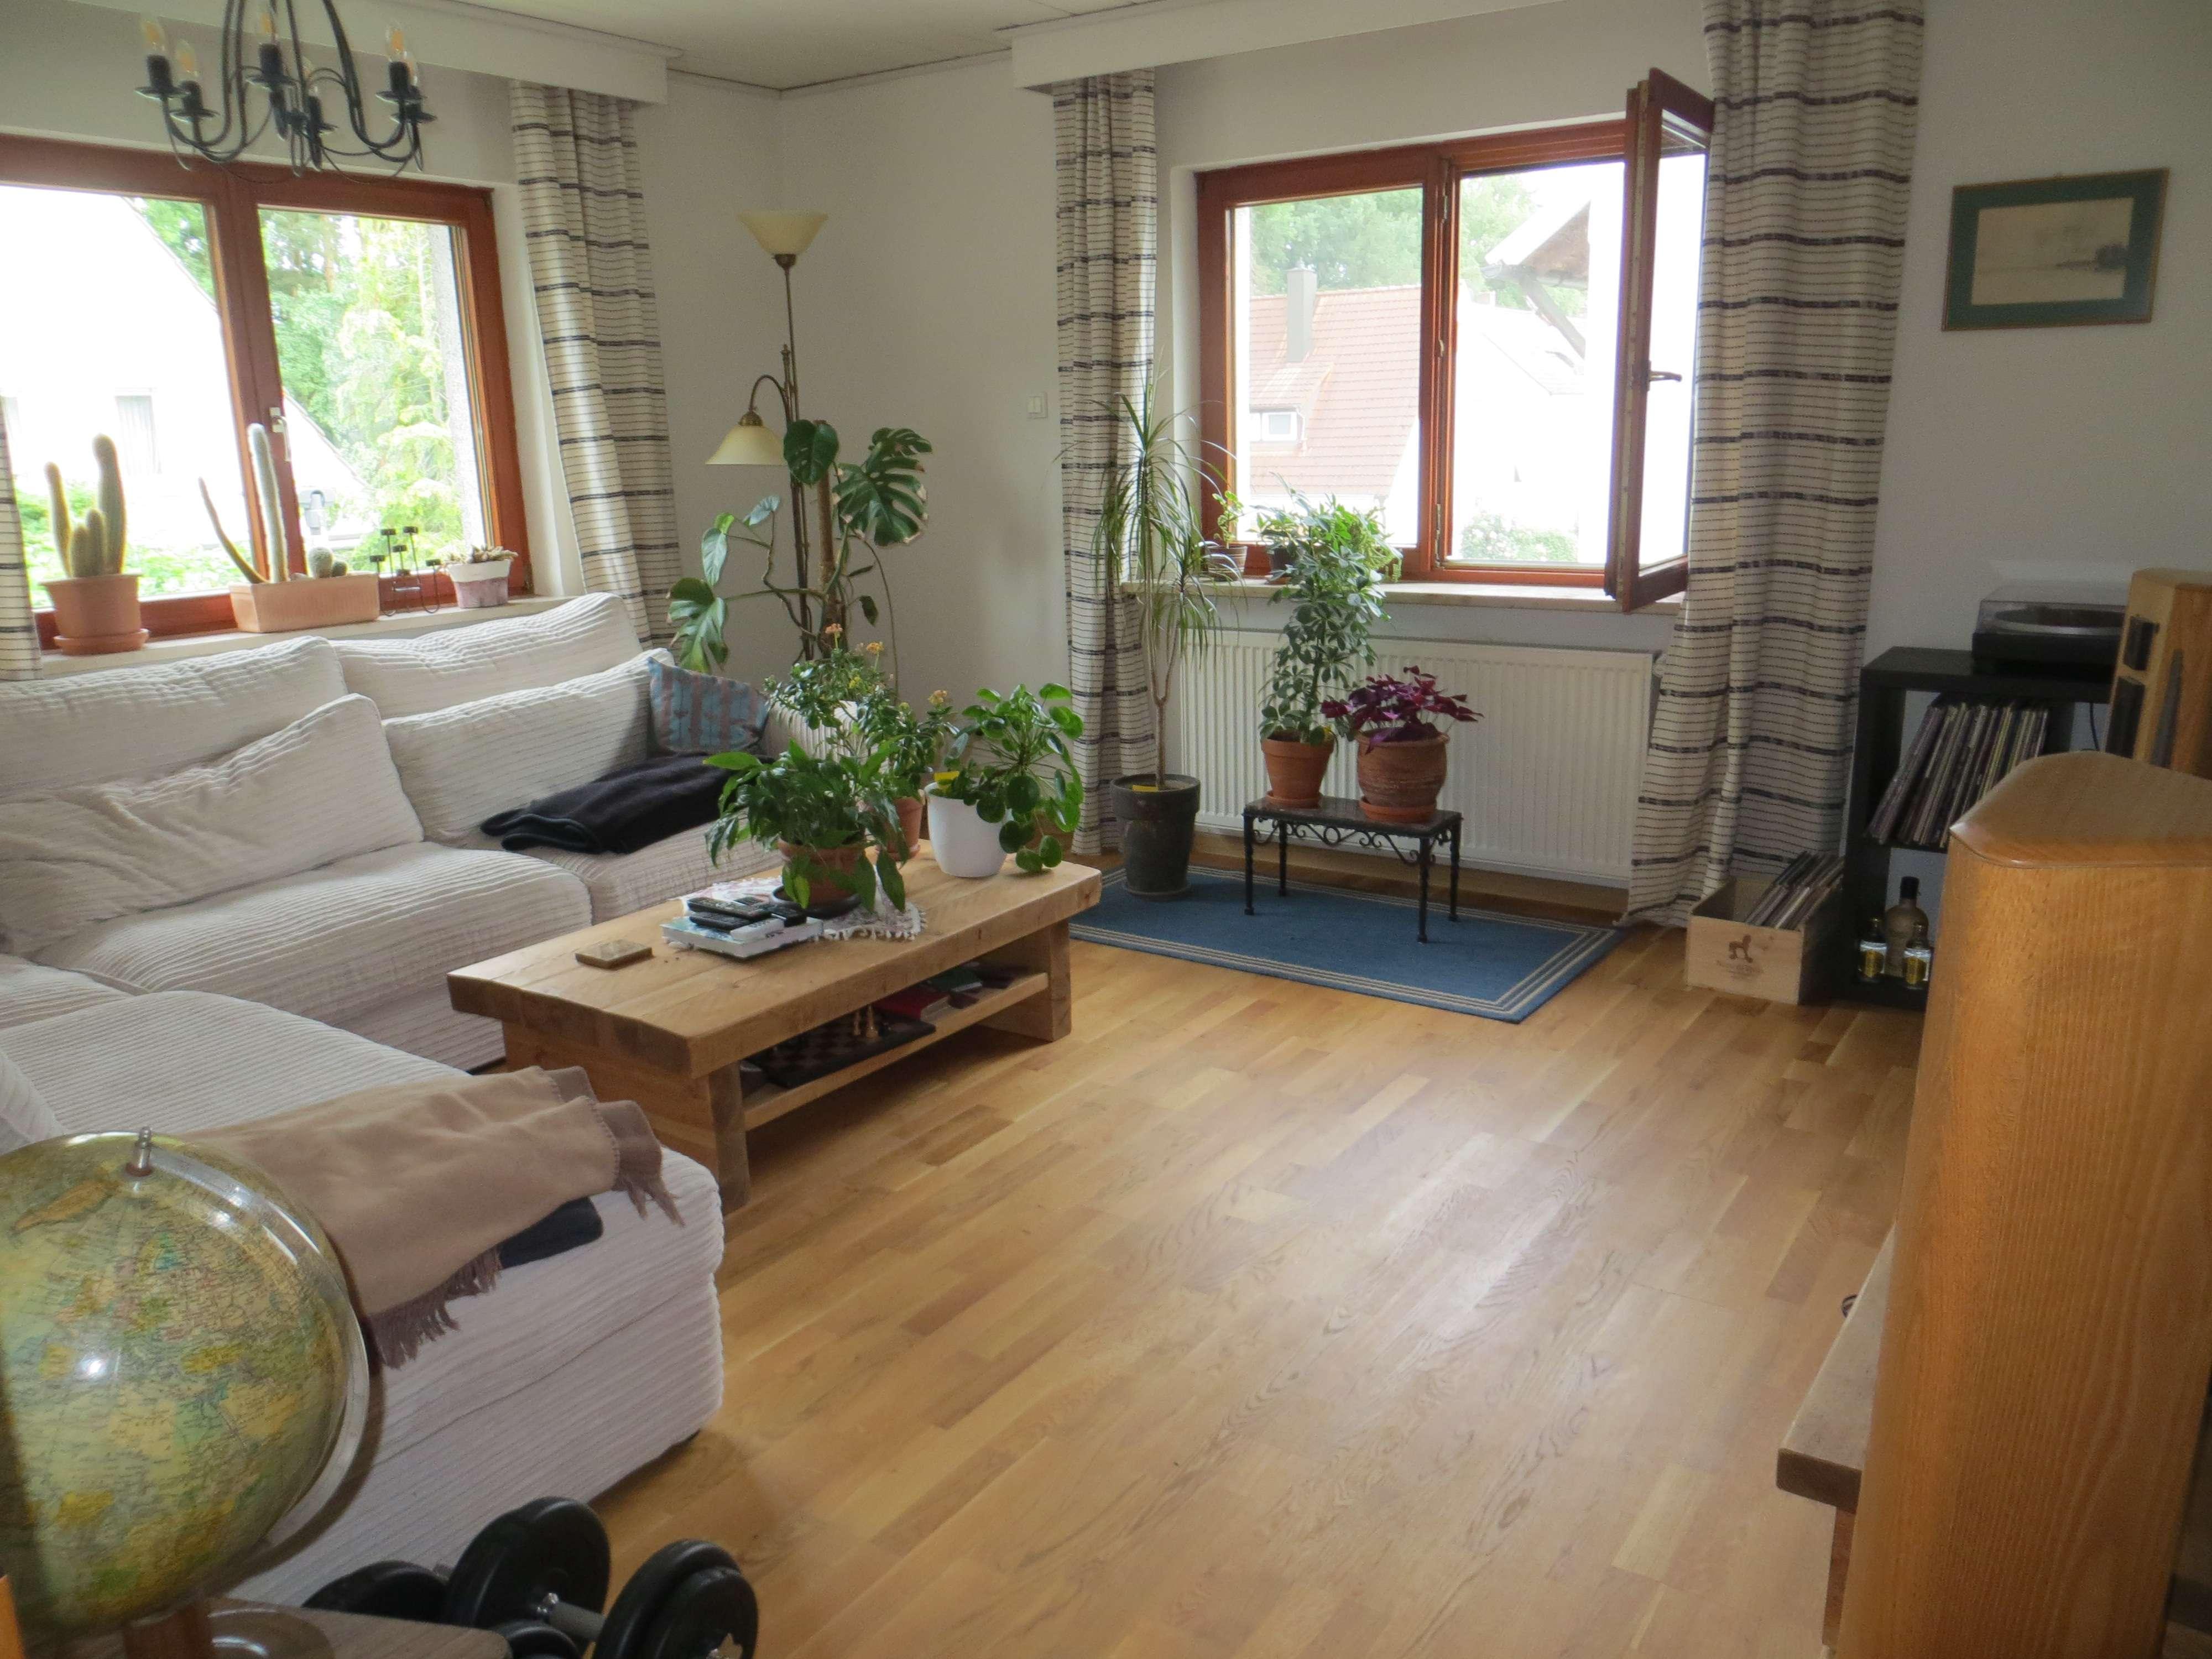 Gemütliche 3-Zimmerwohnung mit großem Balkon in ruhiger Lage in Fürth/Stadeln in